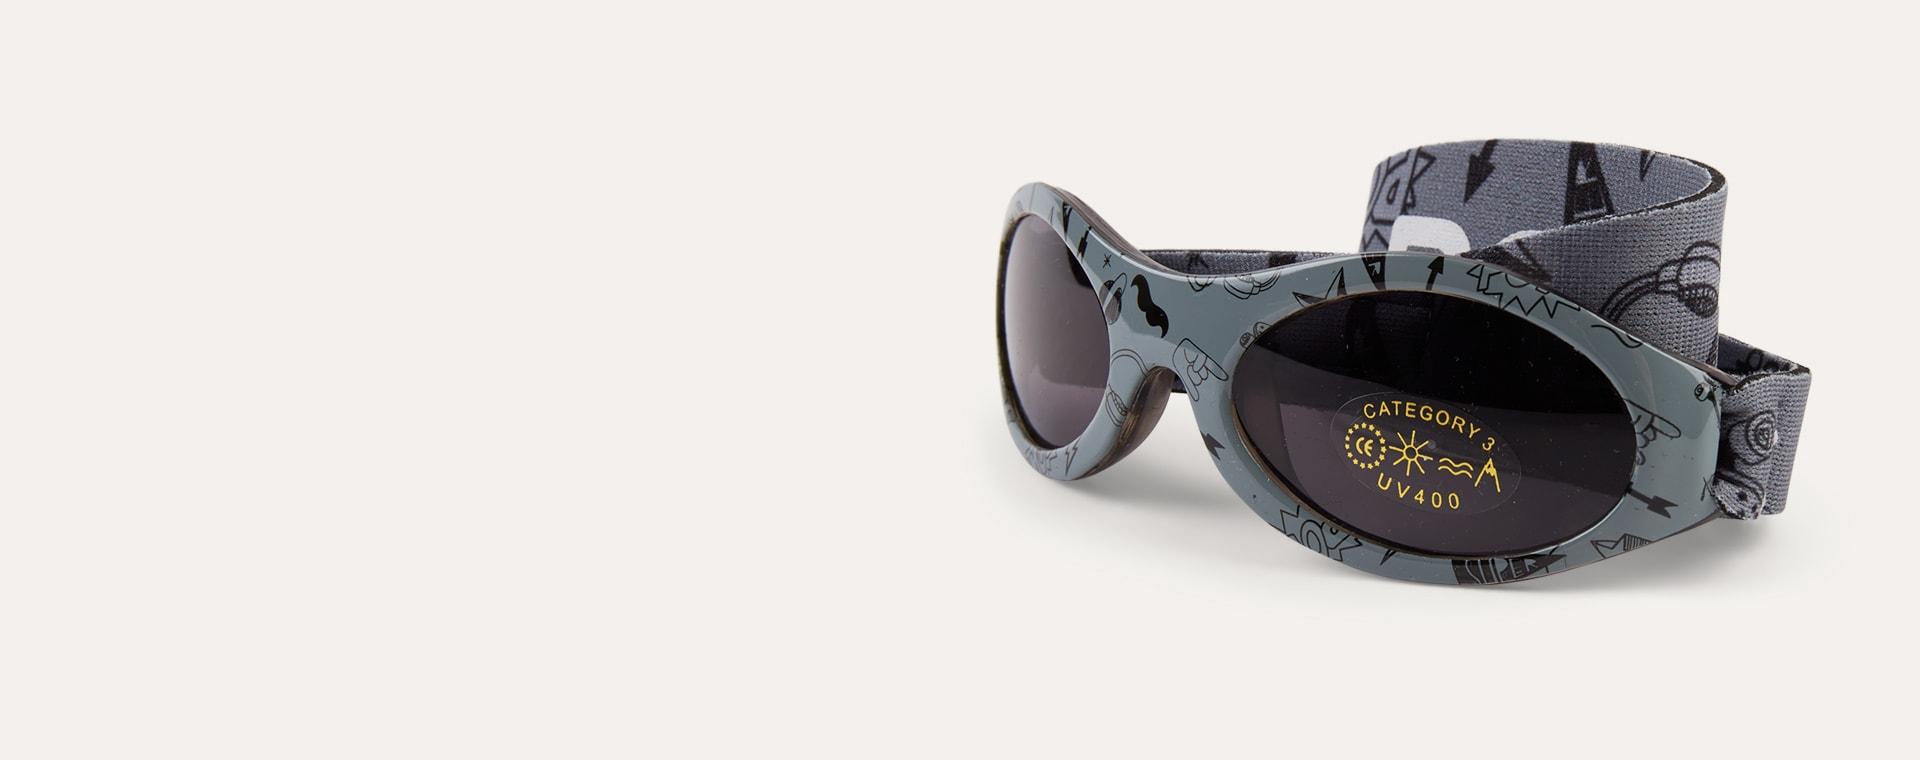 Graffiti Banz Adventure Sunglasses